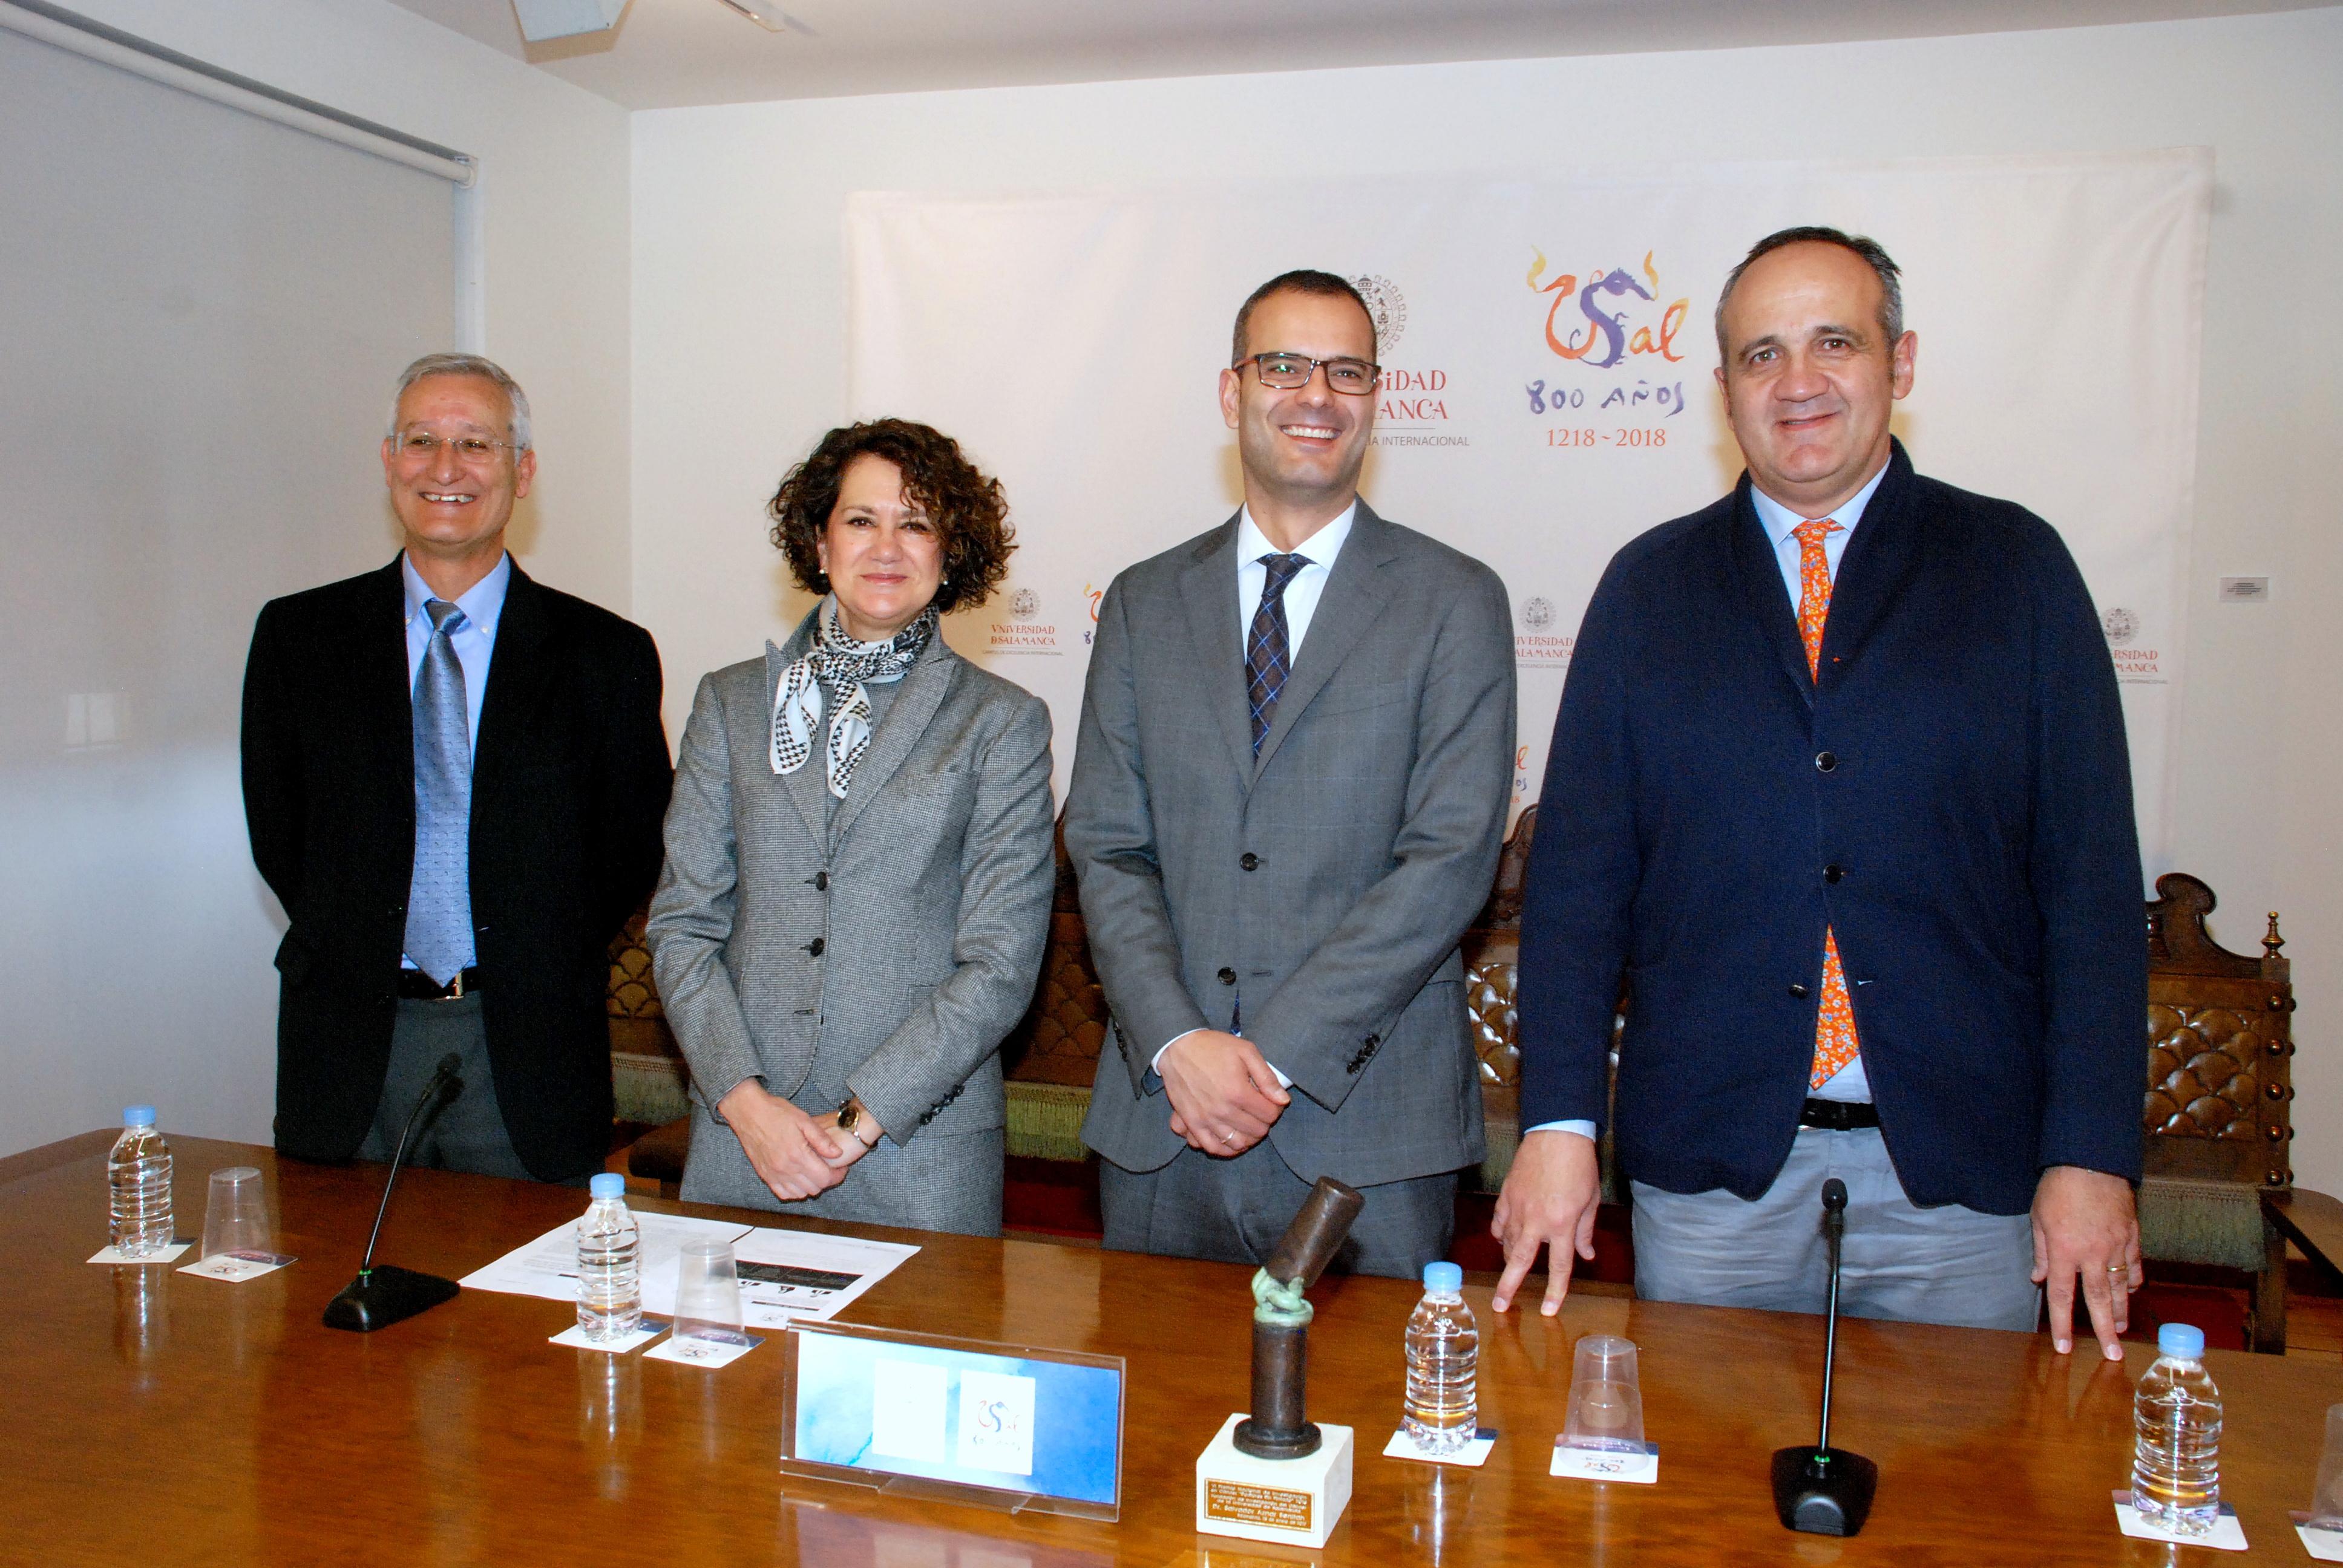 Eugenio Santo, Mª Ángeles Serrano, Salvador Aznar Benitah y Nicolás Rodríguez